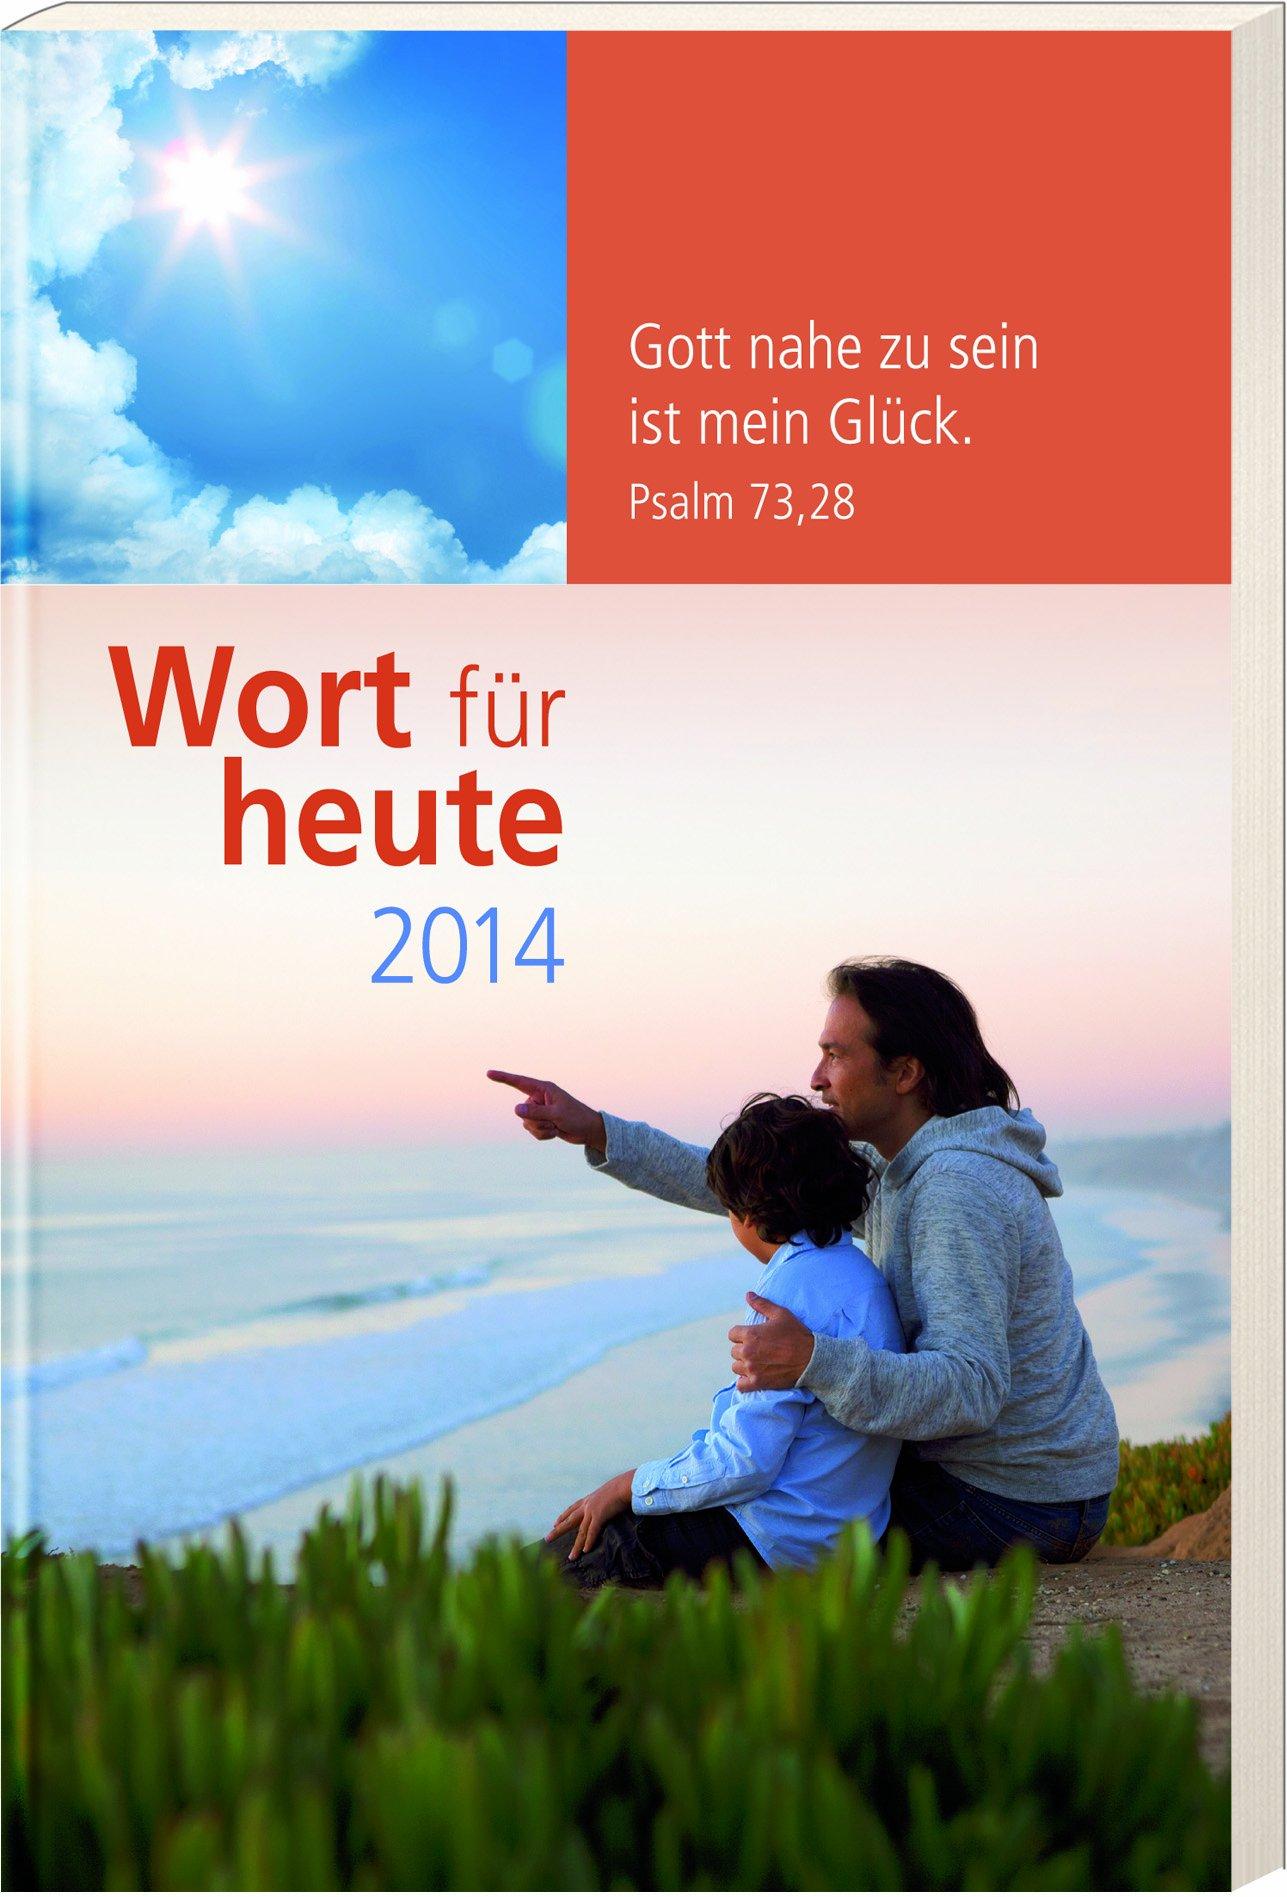 Wort für heute 2014 - Großdruck-Buchkalender: Gott nahe zu sein ist mein Glück. Ps. 73,28